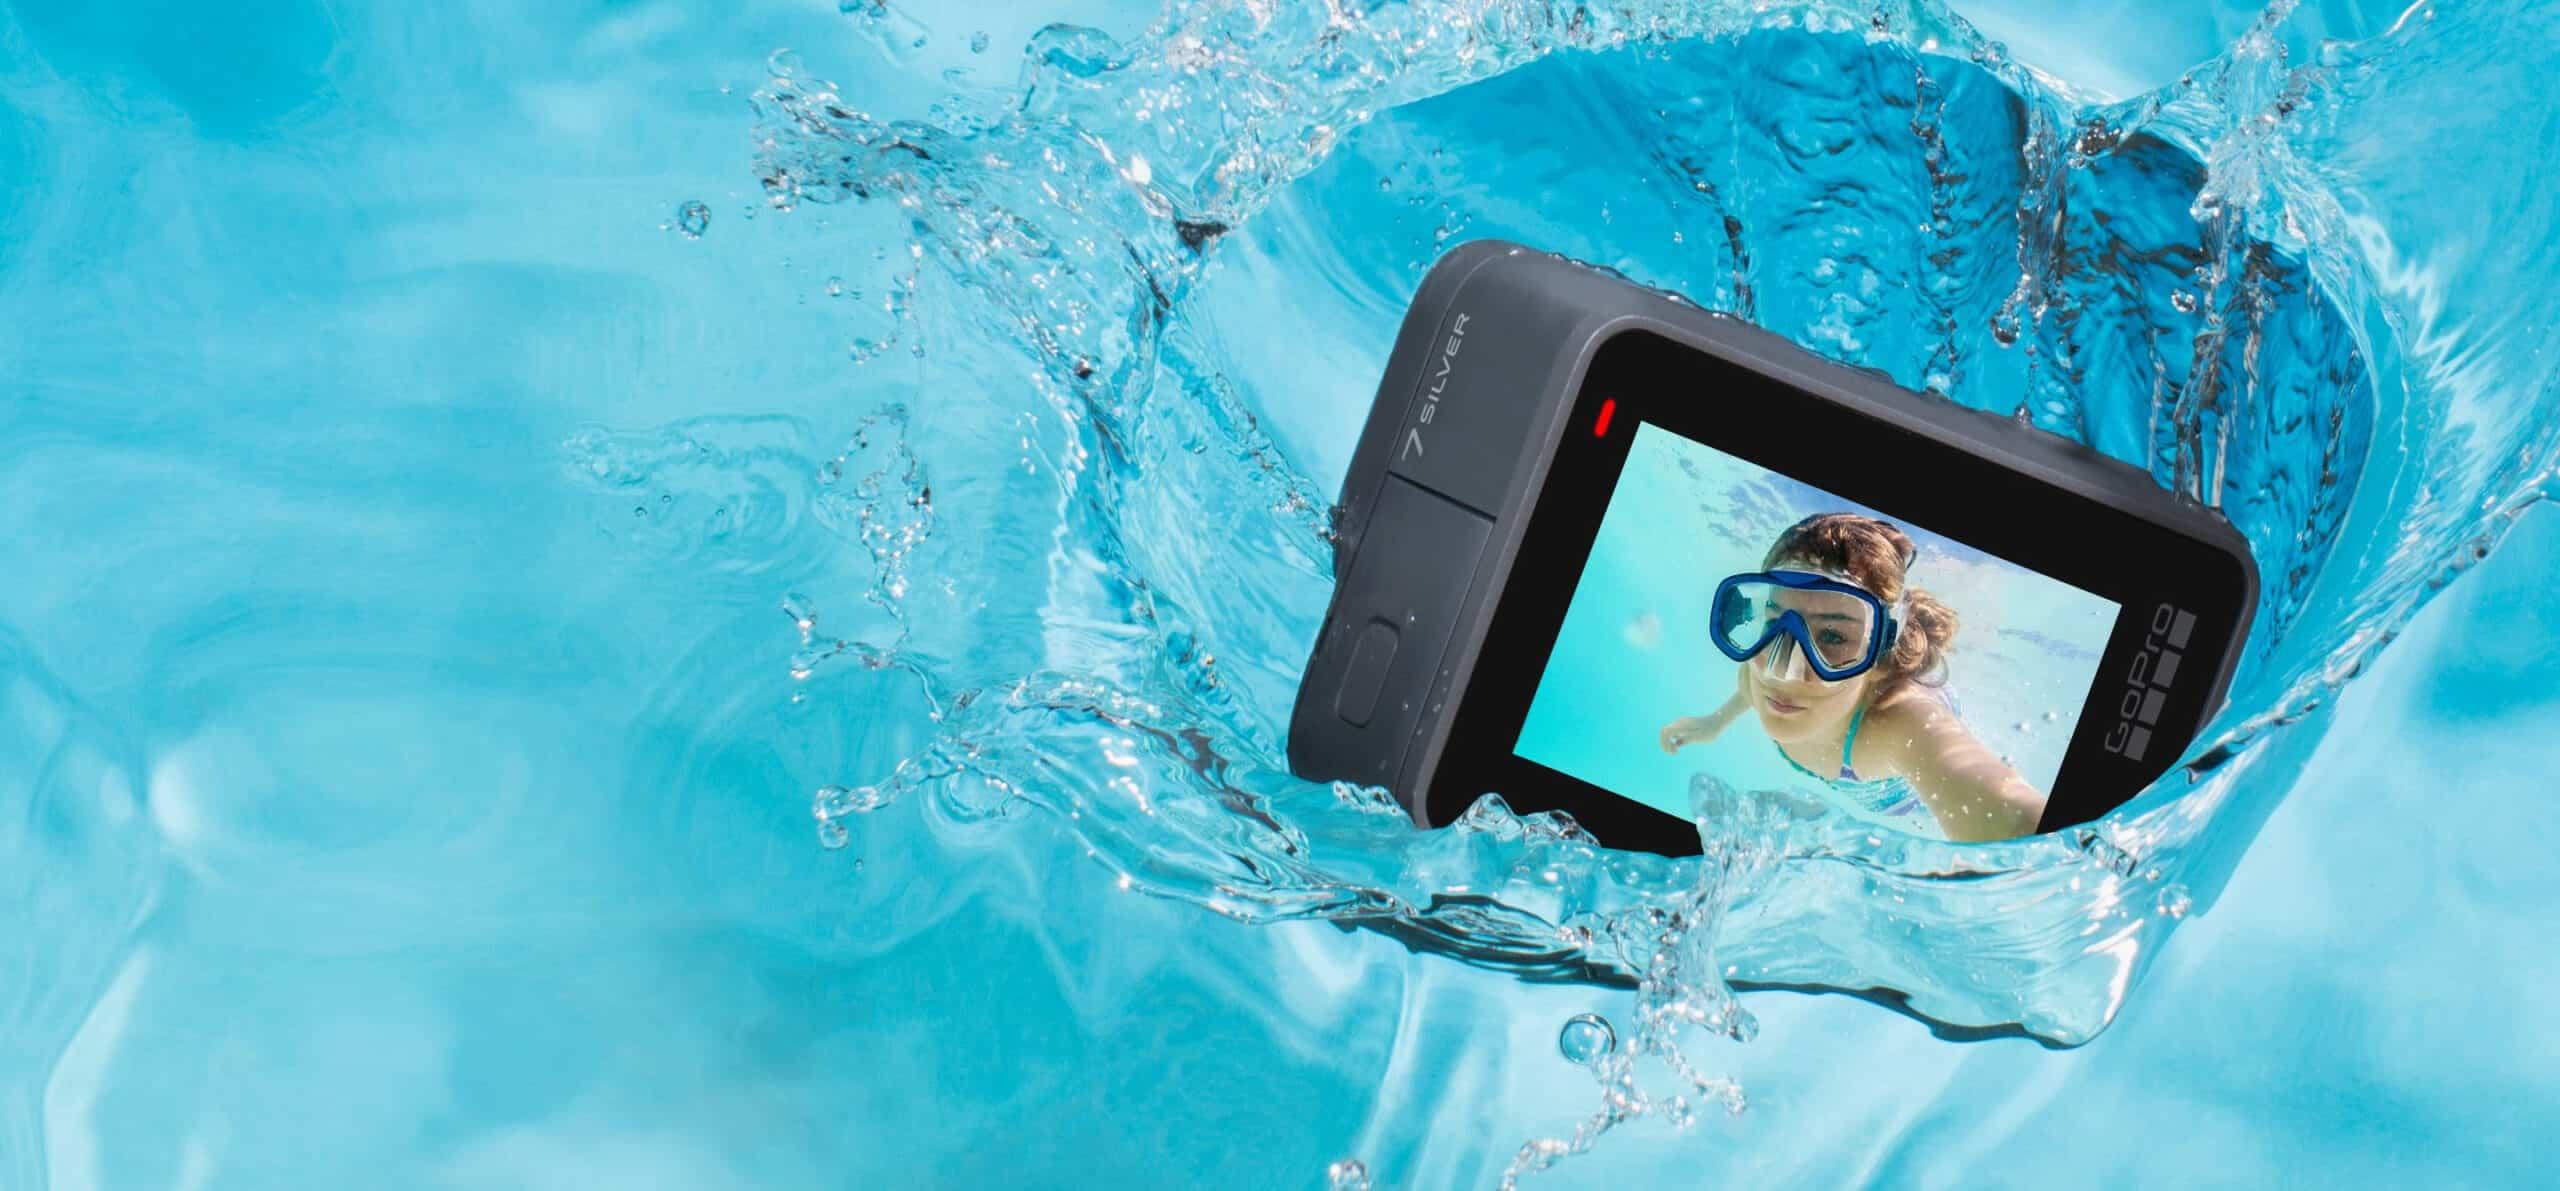 ¿Dónde comprar una cámara GoPro? Actualizado marzo 2020